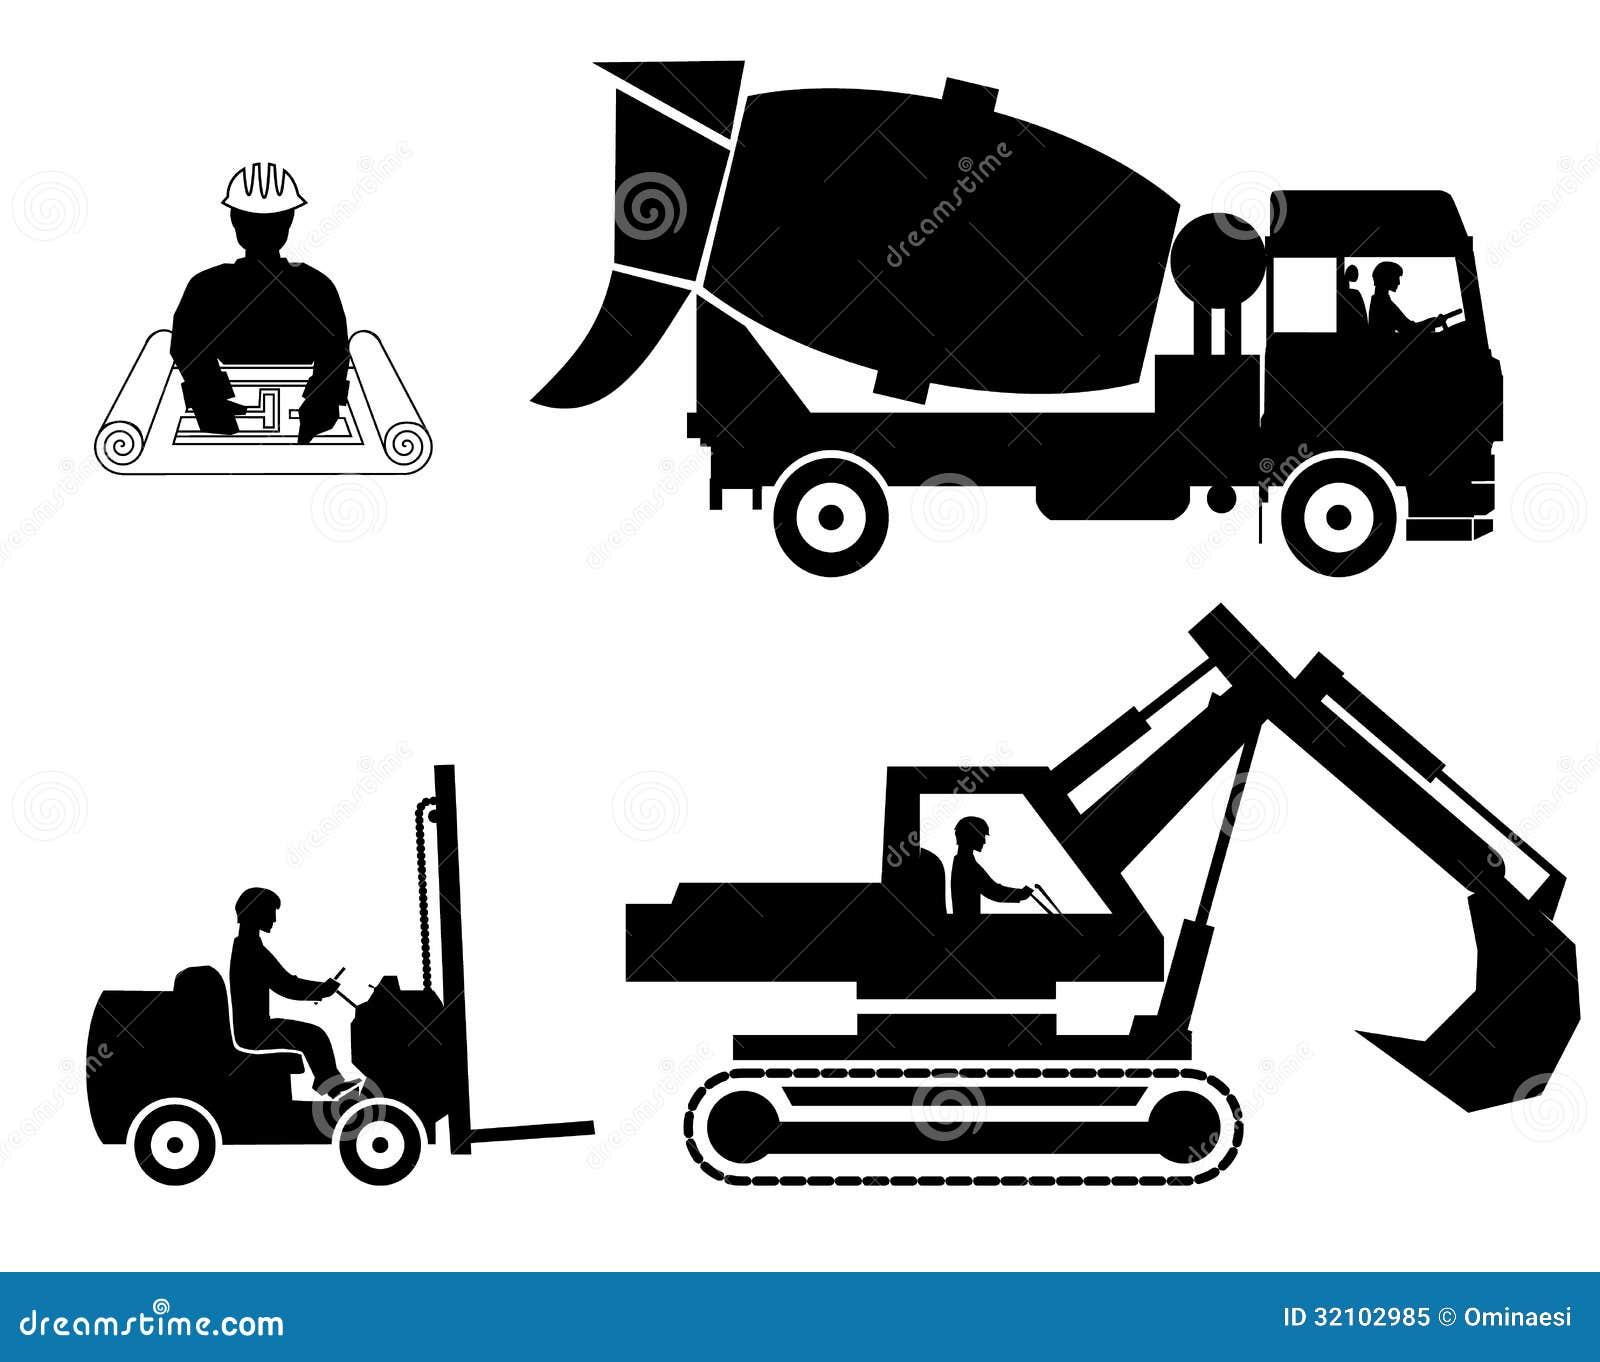 outline builder